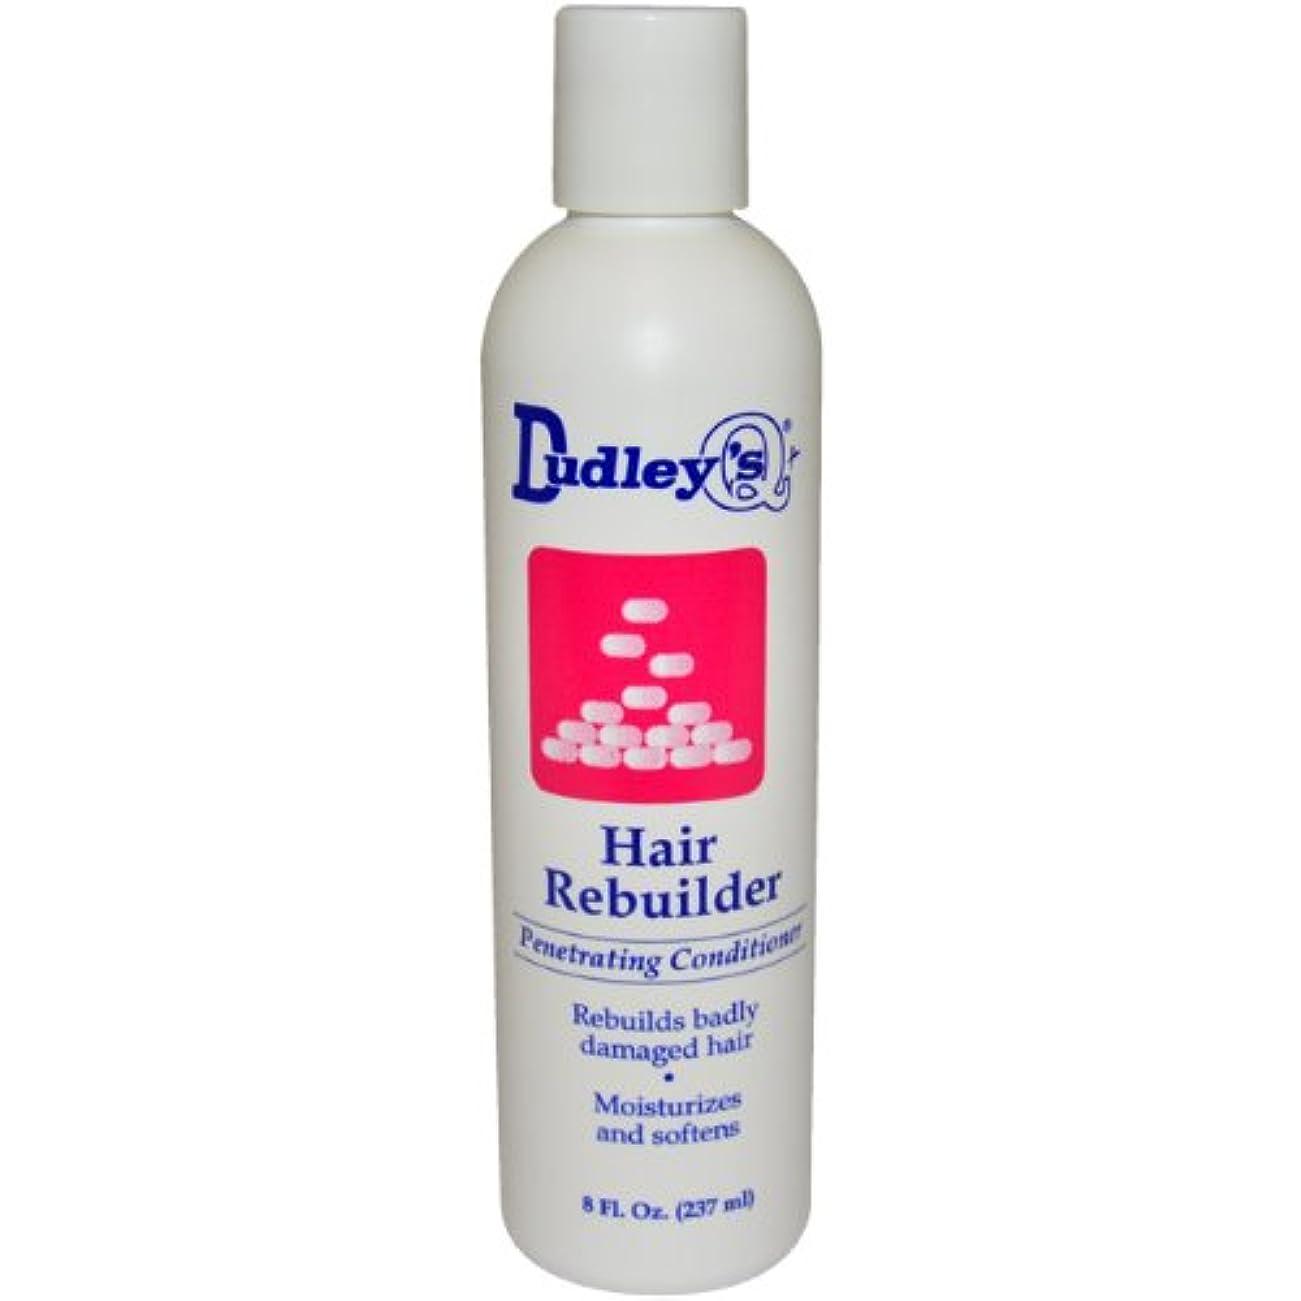 ホイッスルチャレンジ不健康Dudley's 髪の再建浸透性ユニセックスコンディショナー、8オンス 小さい 白